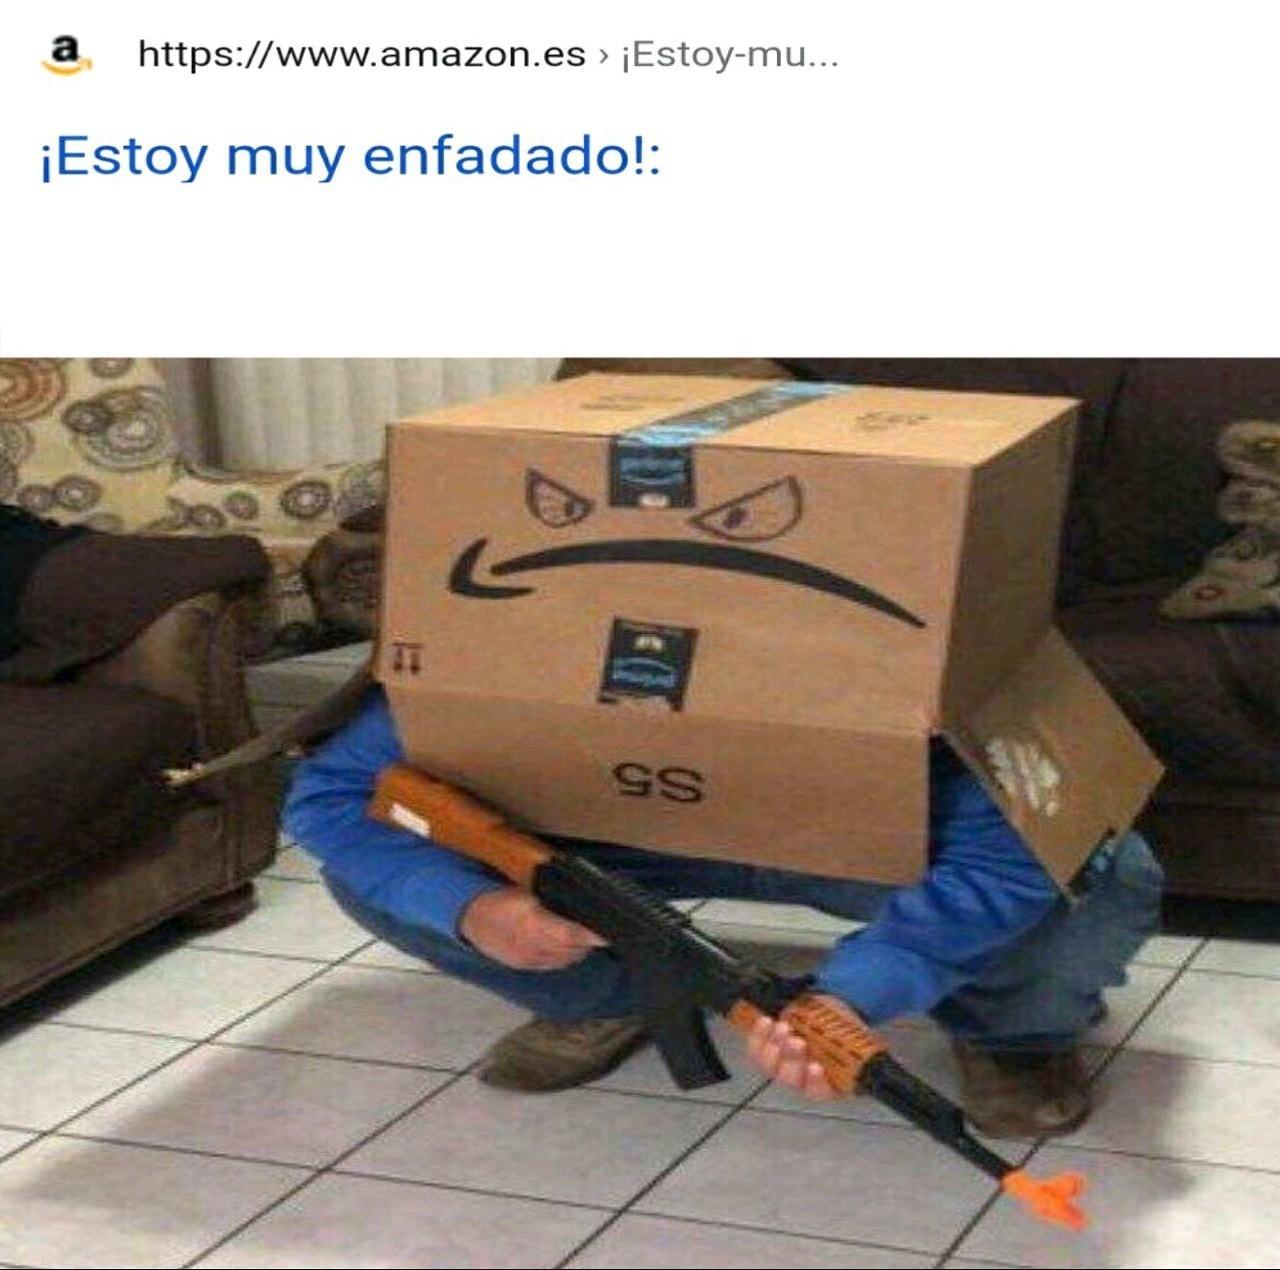 Amazon try harder - meme